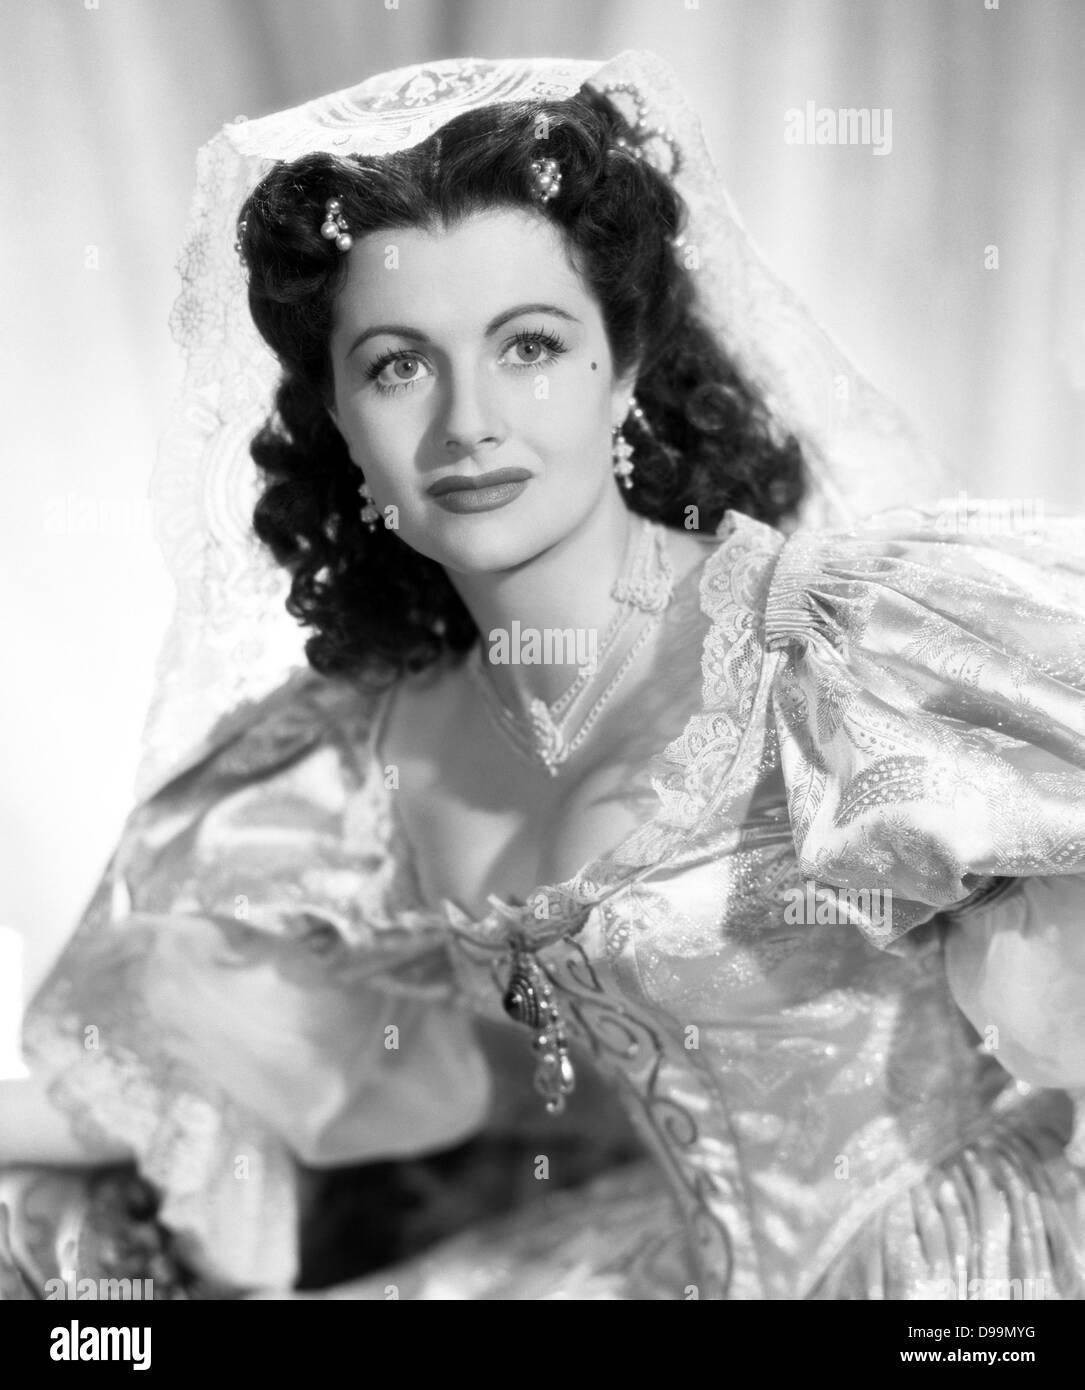 Countess Vaughn images